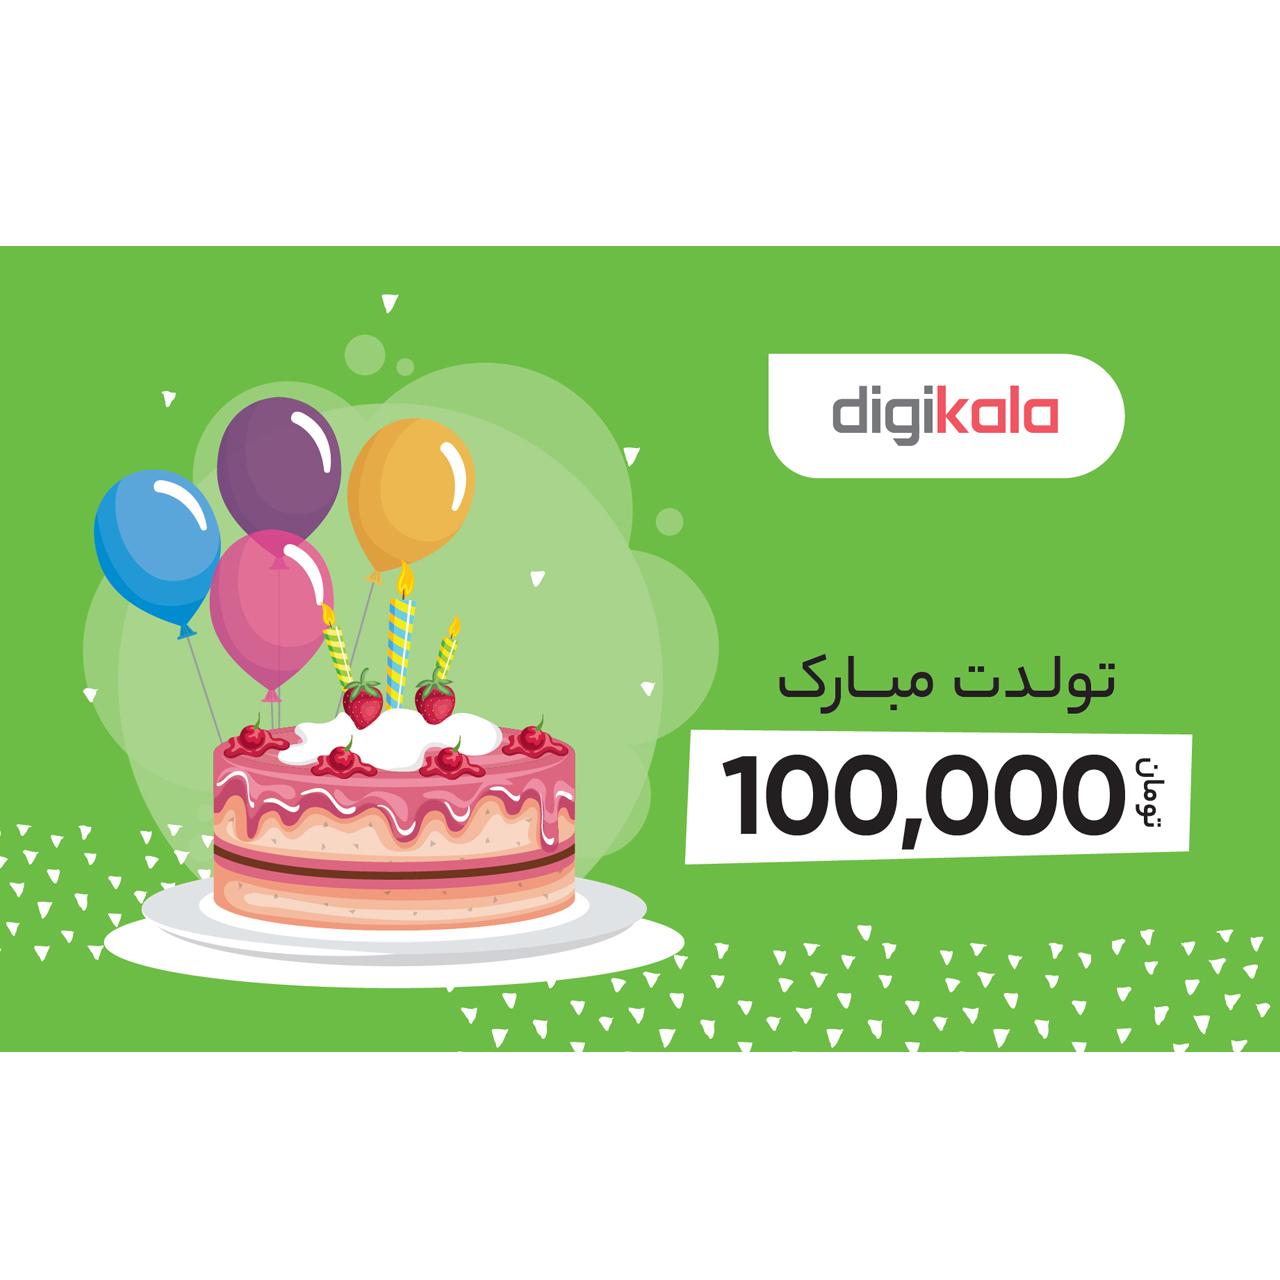 خرید                     کارت هدیه دیجی کالا به ارزش 100.000 تومان طرح تولد